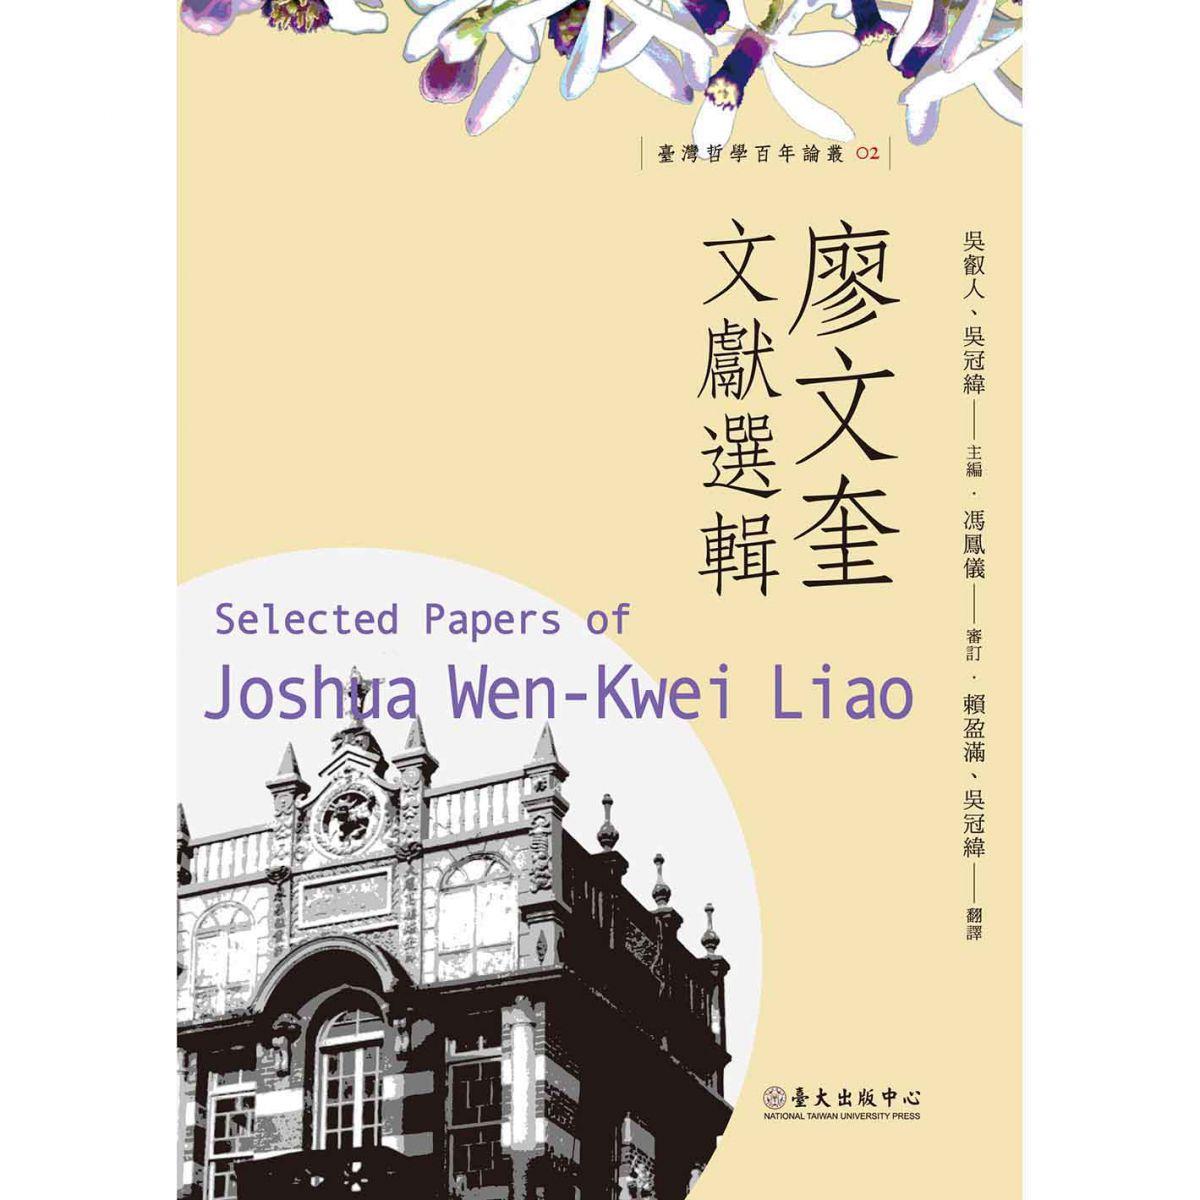 《廖文奎文獻選輯》收錄廖文奎十五篇著作,以理解其人思想體系